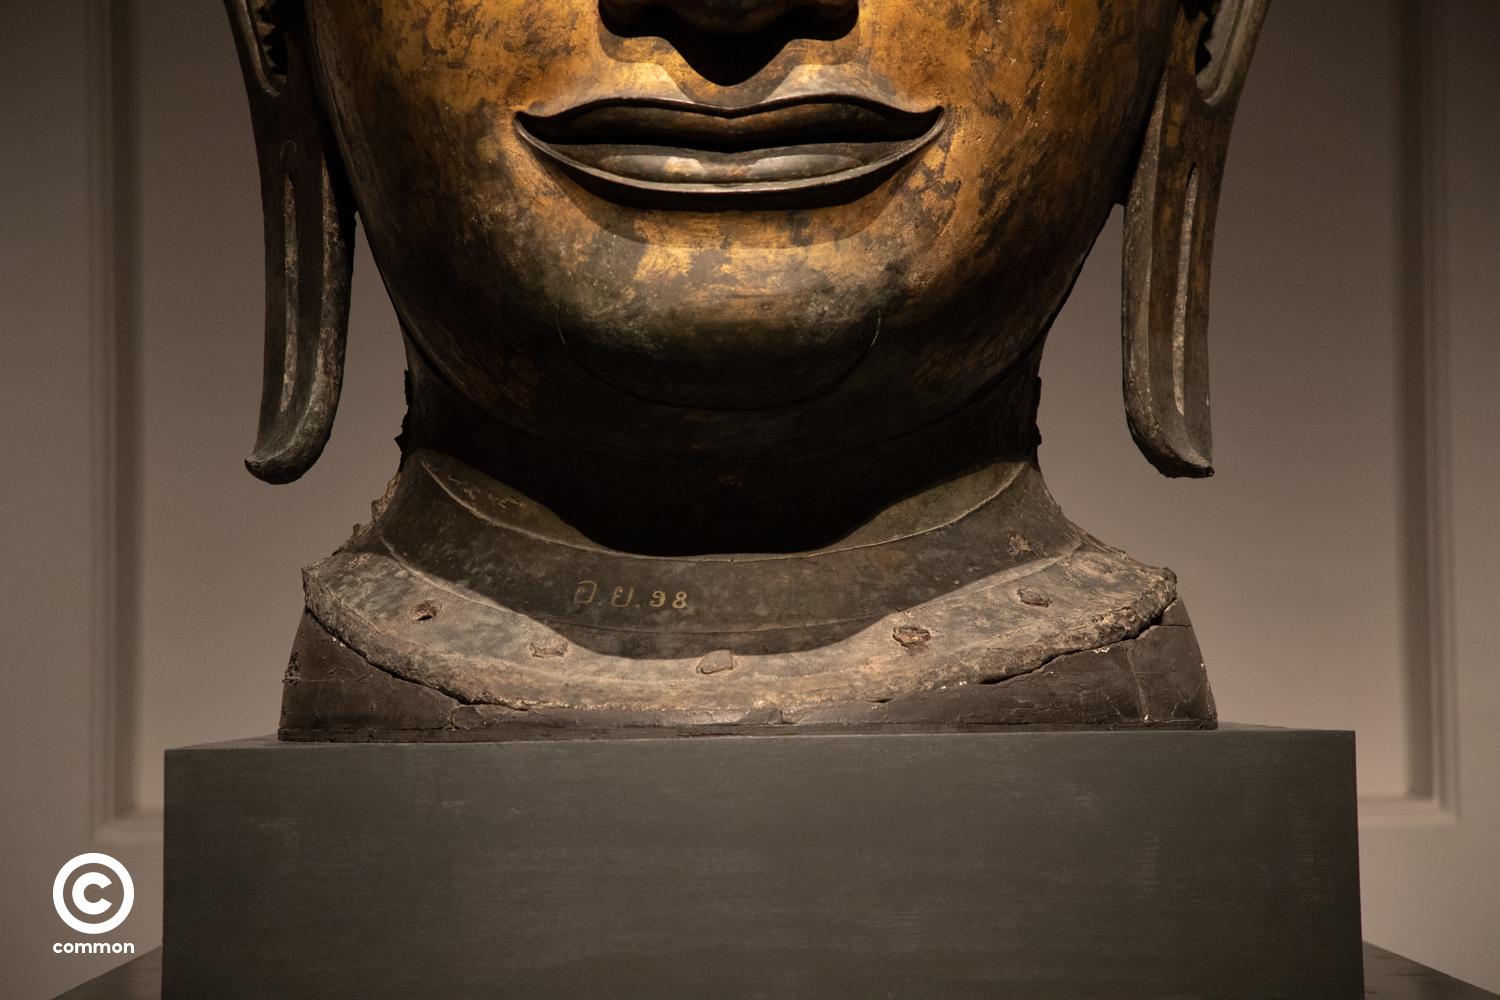 #เศียรพระ #ศิลปะโบราณ #พระพุทธรูป #photoessay #culture